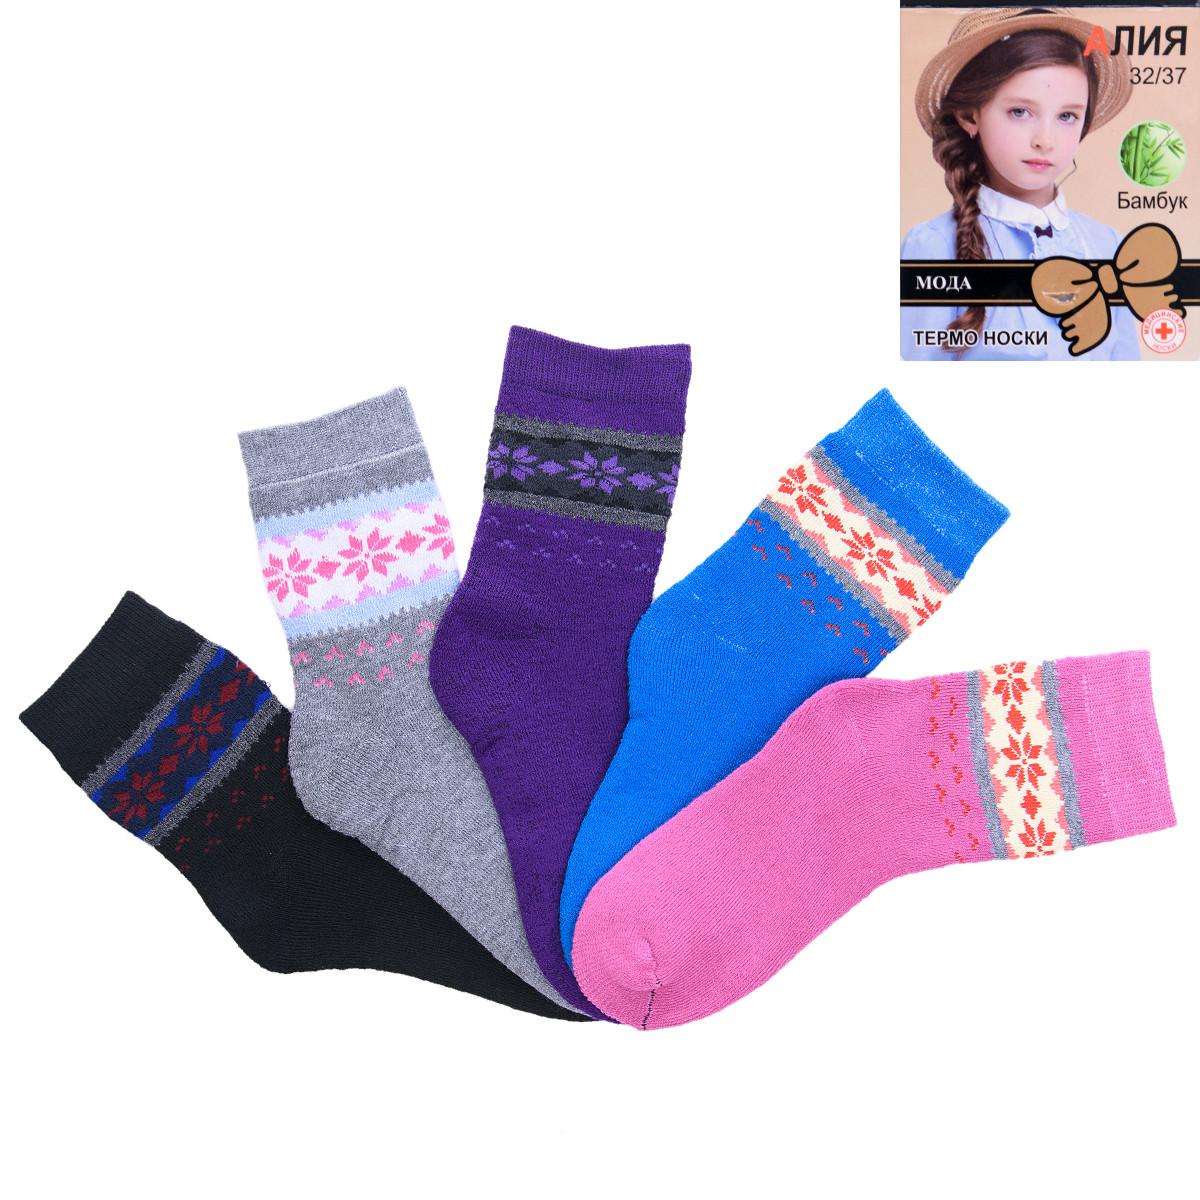 Носки махровые подростковые для девочки с термоэффектом и бамбуковым волокном Алия C45+2